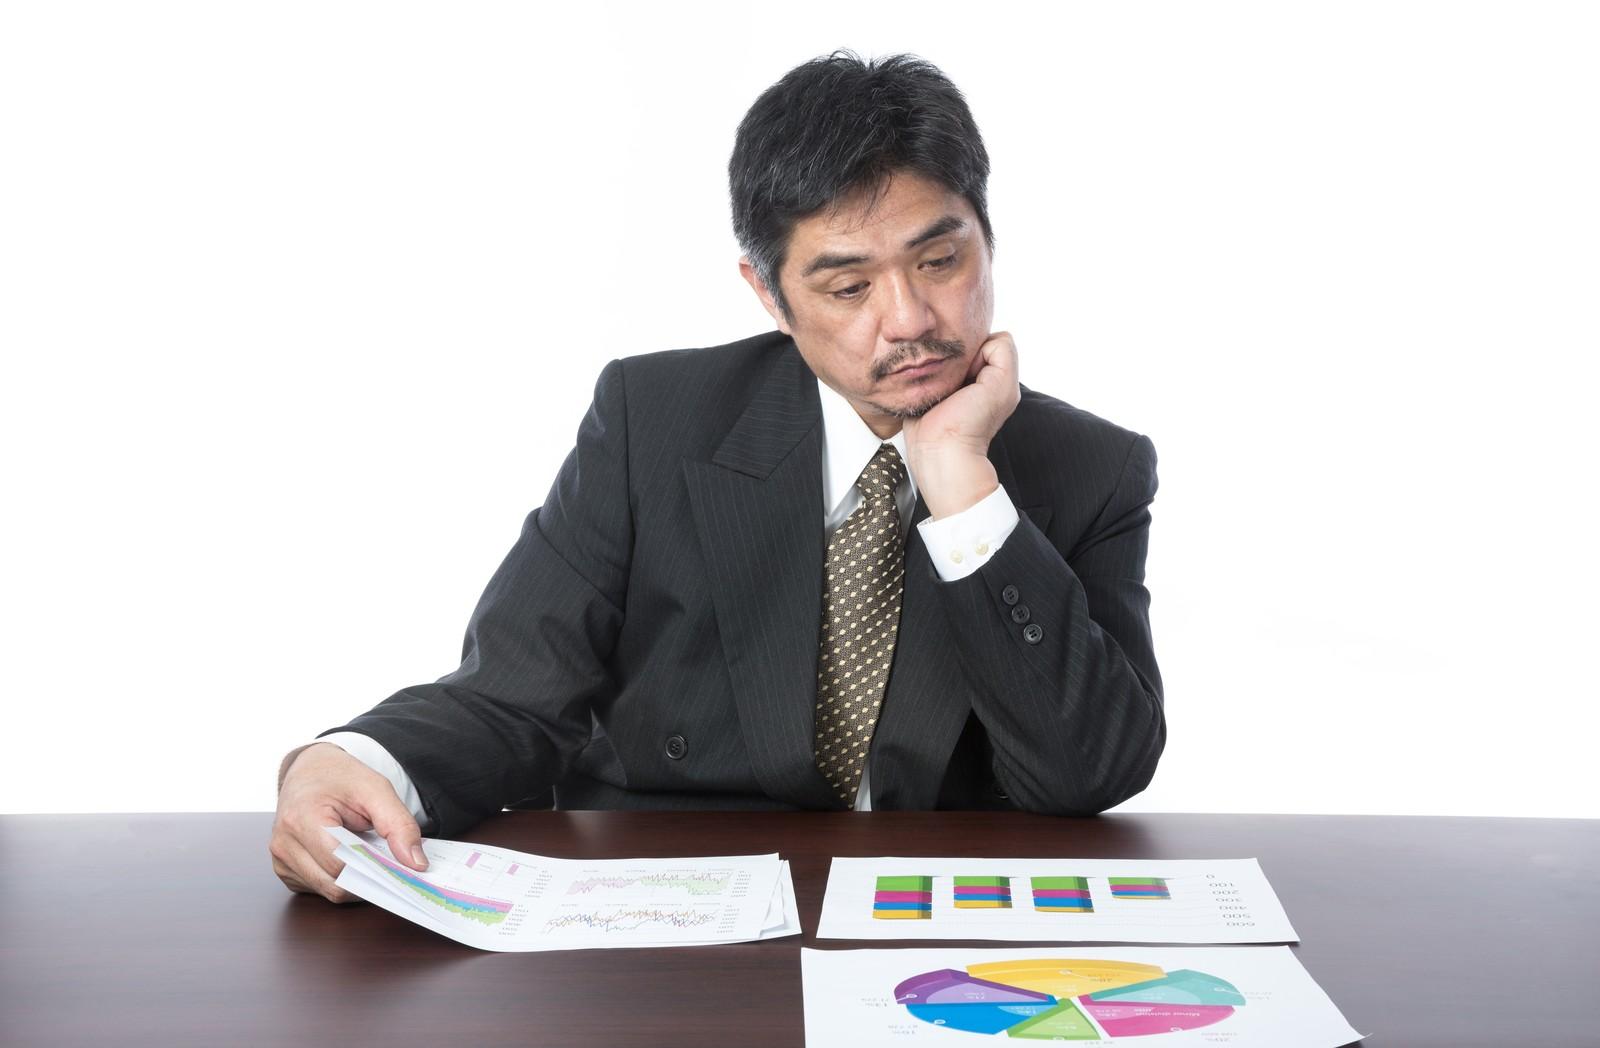 経営革新等支援機関って、何をしてくれるの?何ができるの?